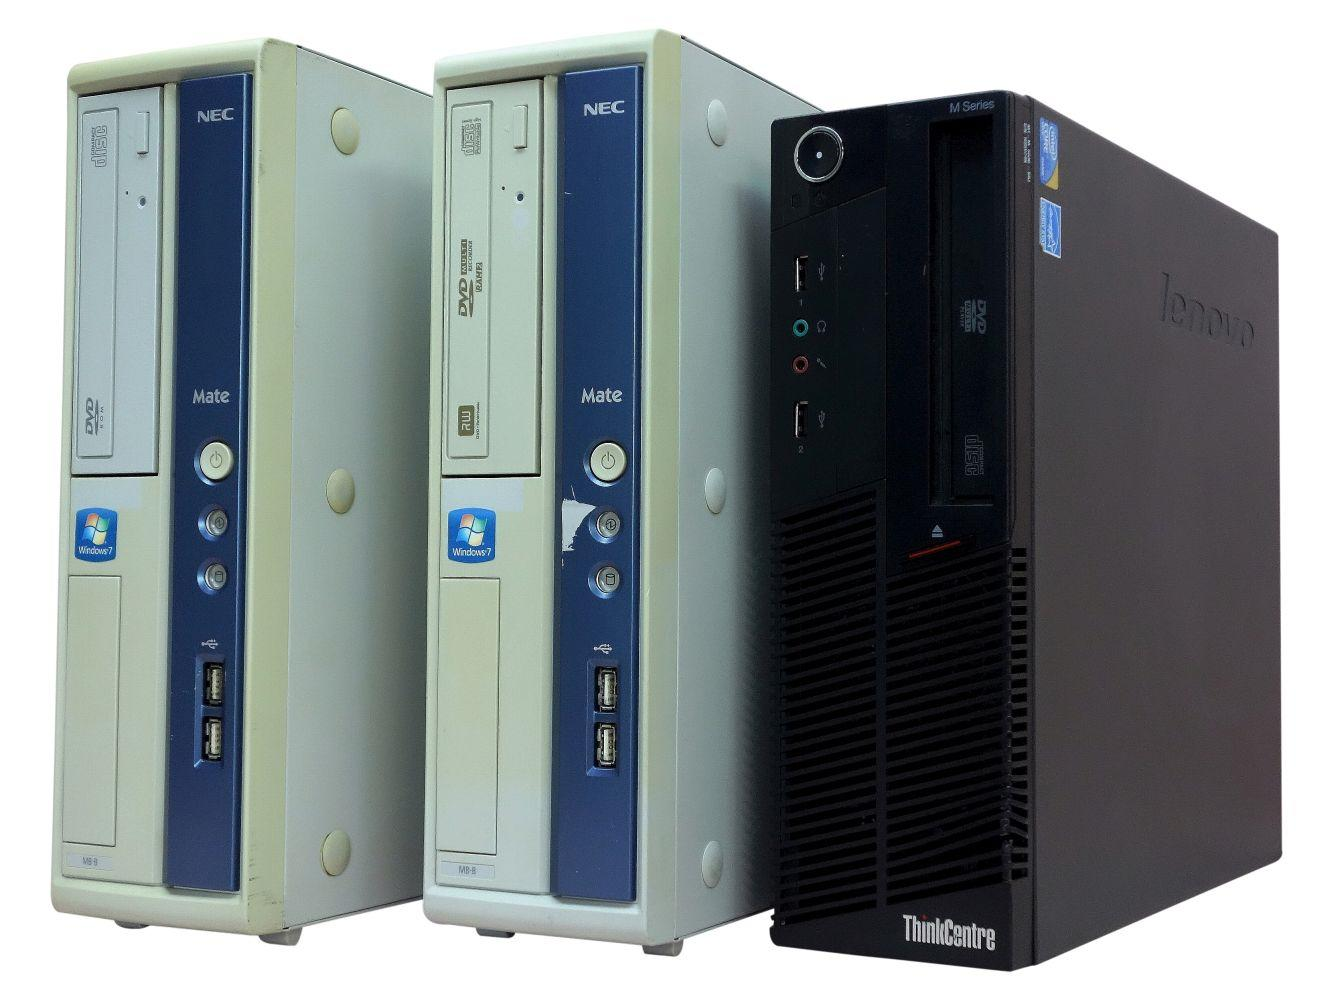 中古パソコン デスクトップPC 機種おまかせ Corei5第三世代以上 メモリ16GB HDD500GB Windows10 Pro 64bit【送料無料】【100日保証】